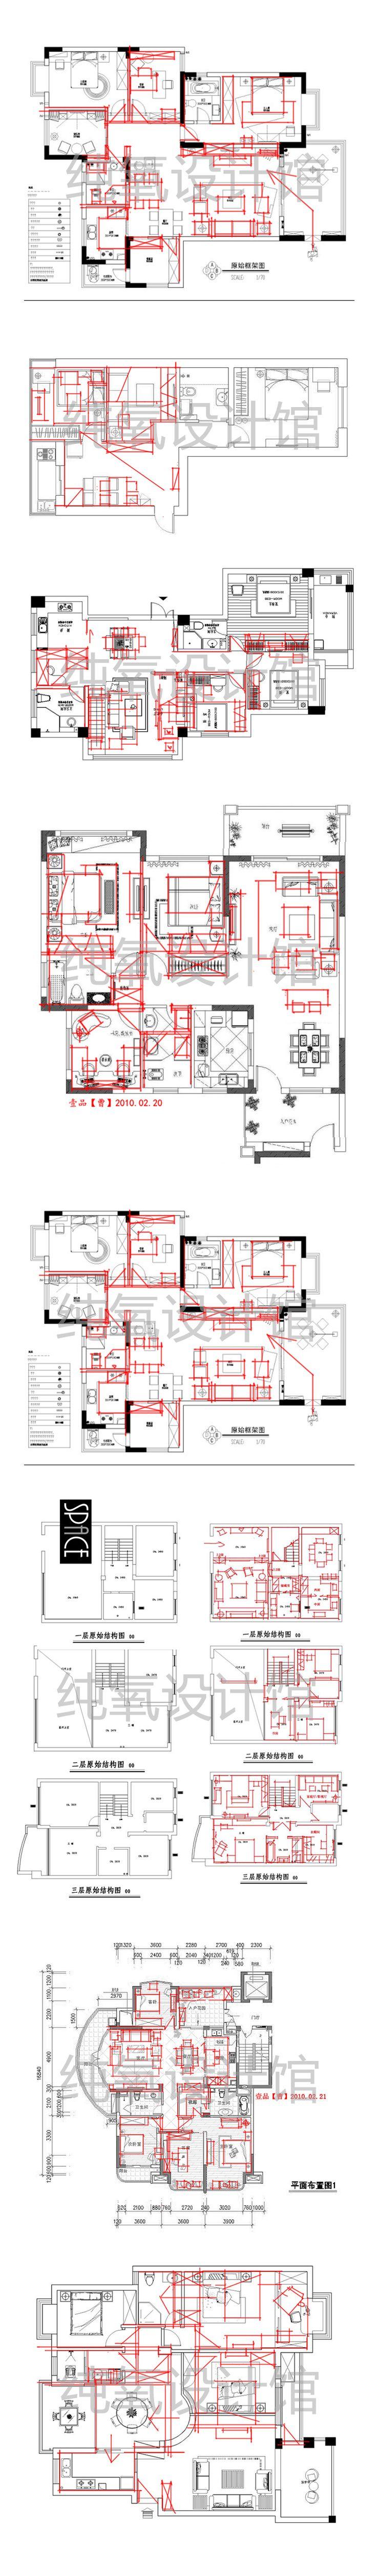 M2 平面布置方案优化家具布置优化公寓住宅别墅空间设计方案优化-淘宝网